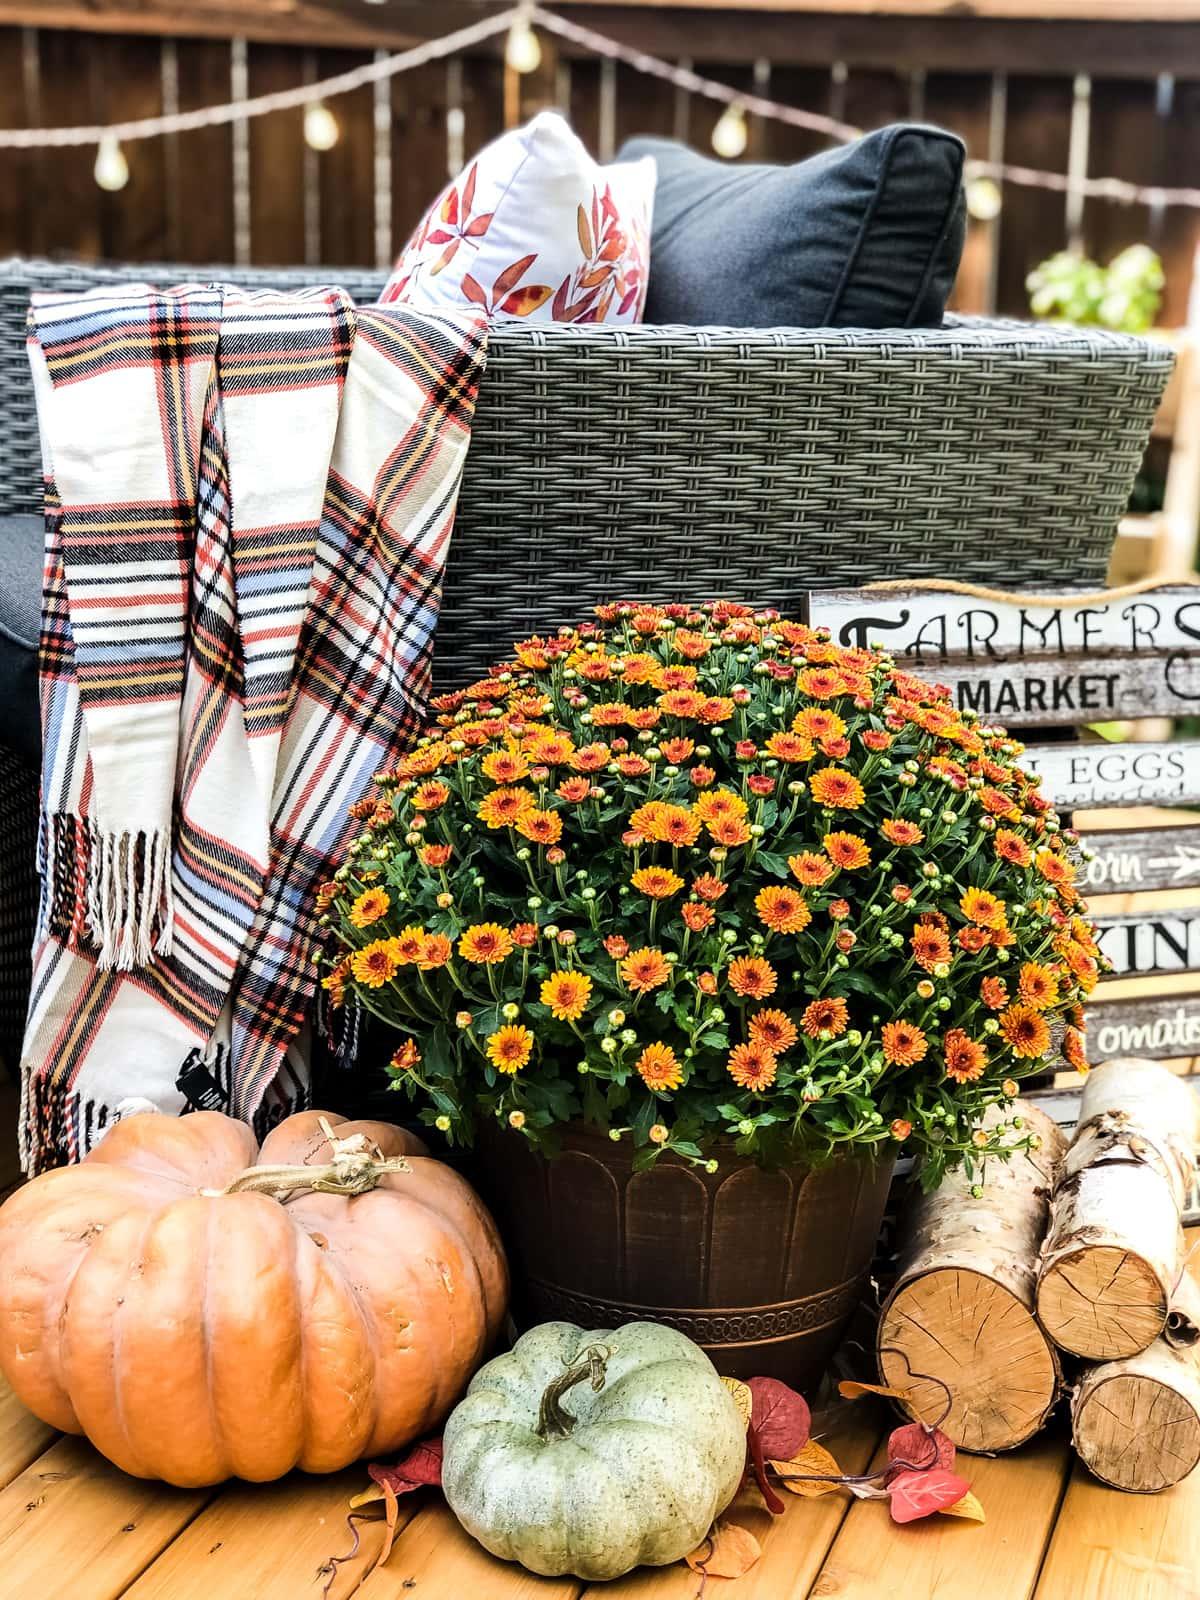 An orange mum next to a pumpkin and birch logs